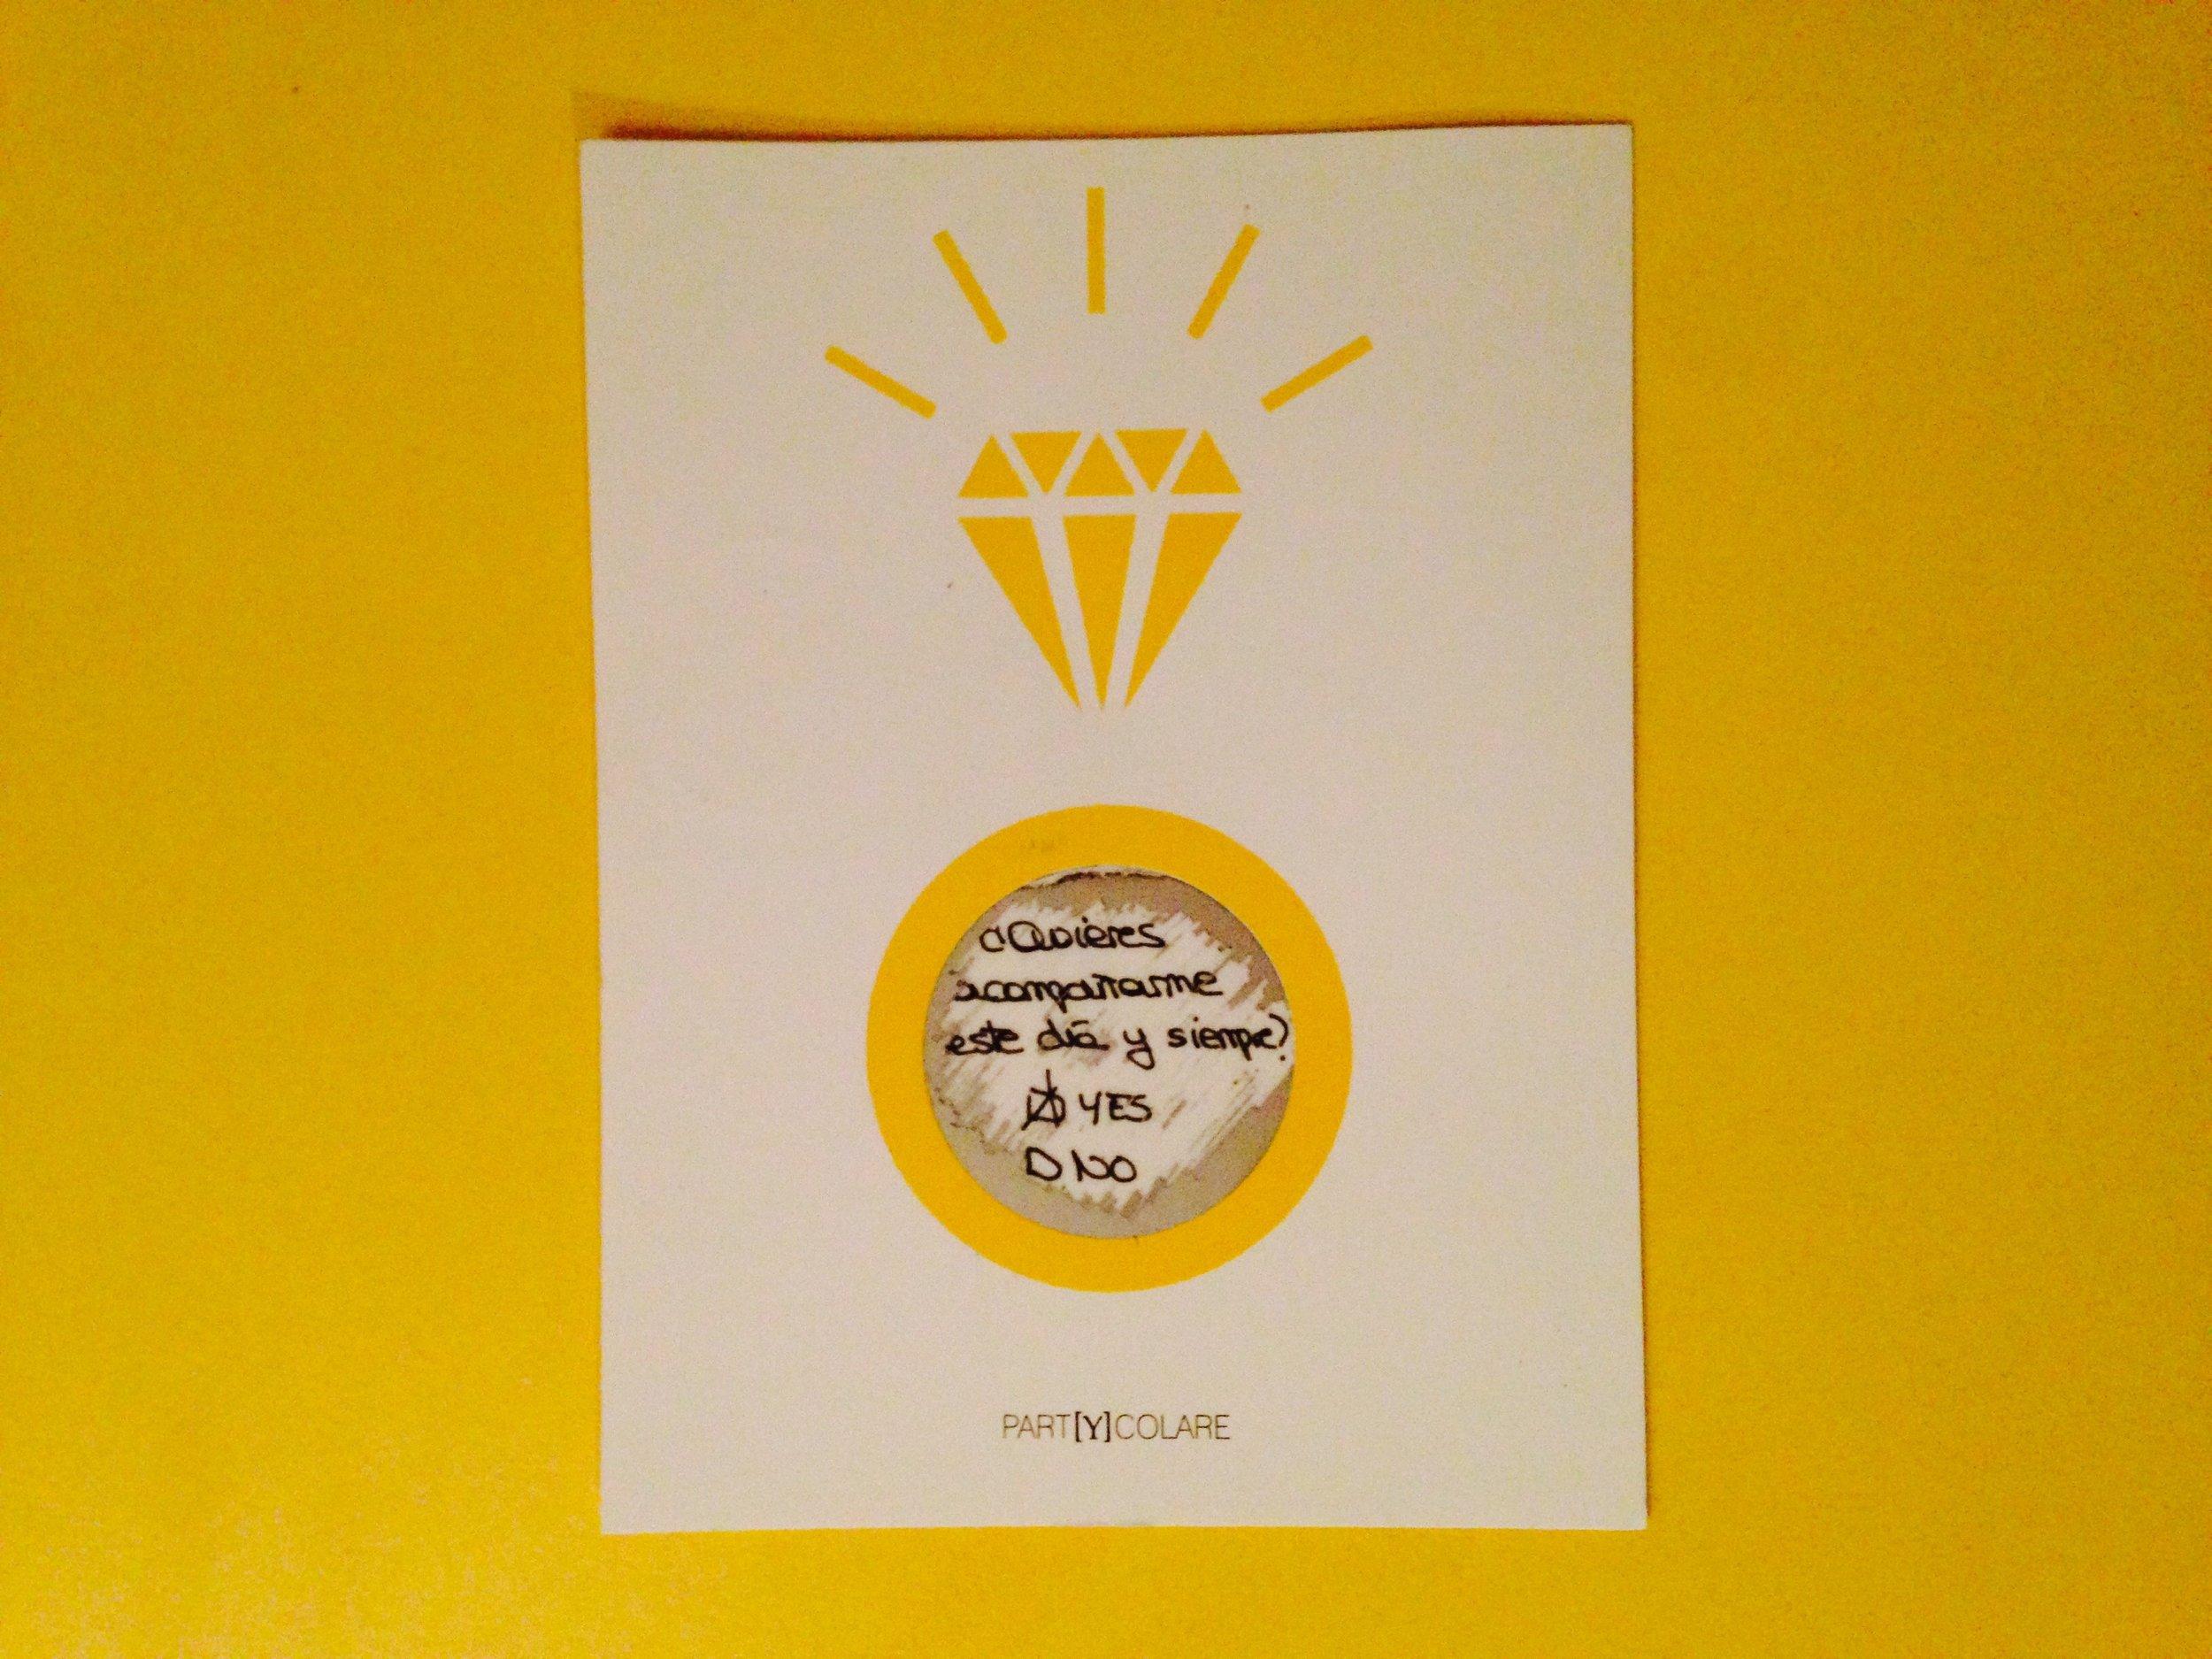 Que una amiga te envíe la postal que tú le has regalado... ¡no tiene precio! Foto: PARTYCOLARE.